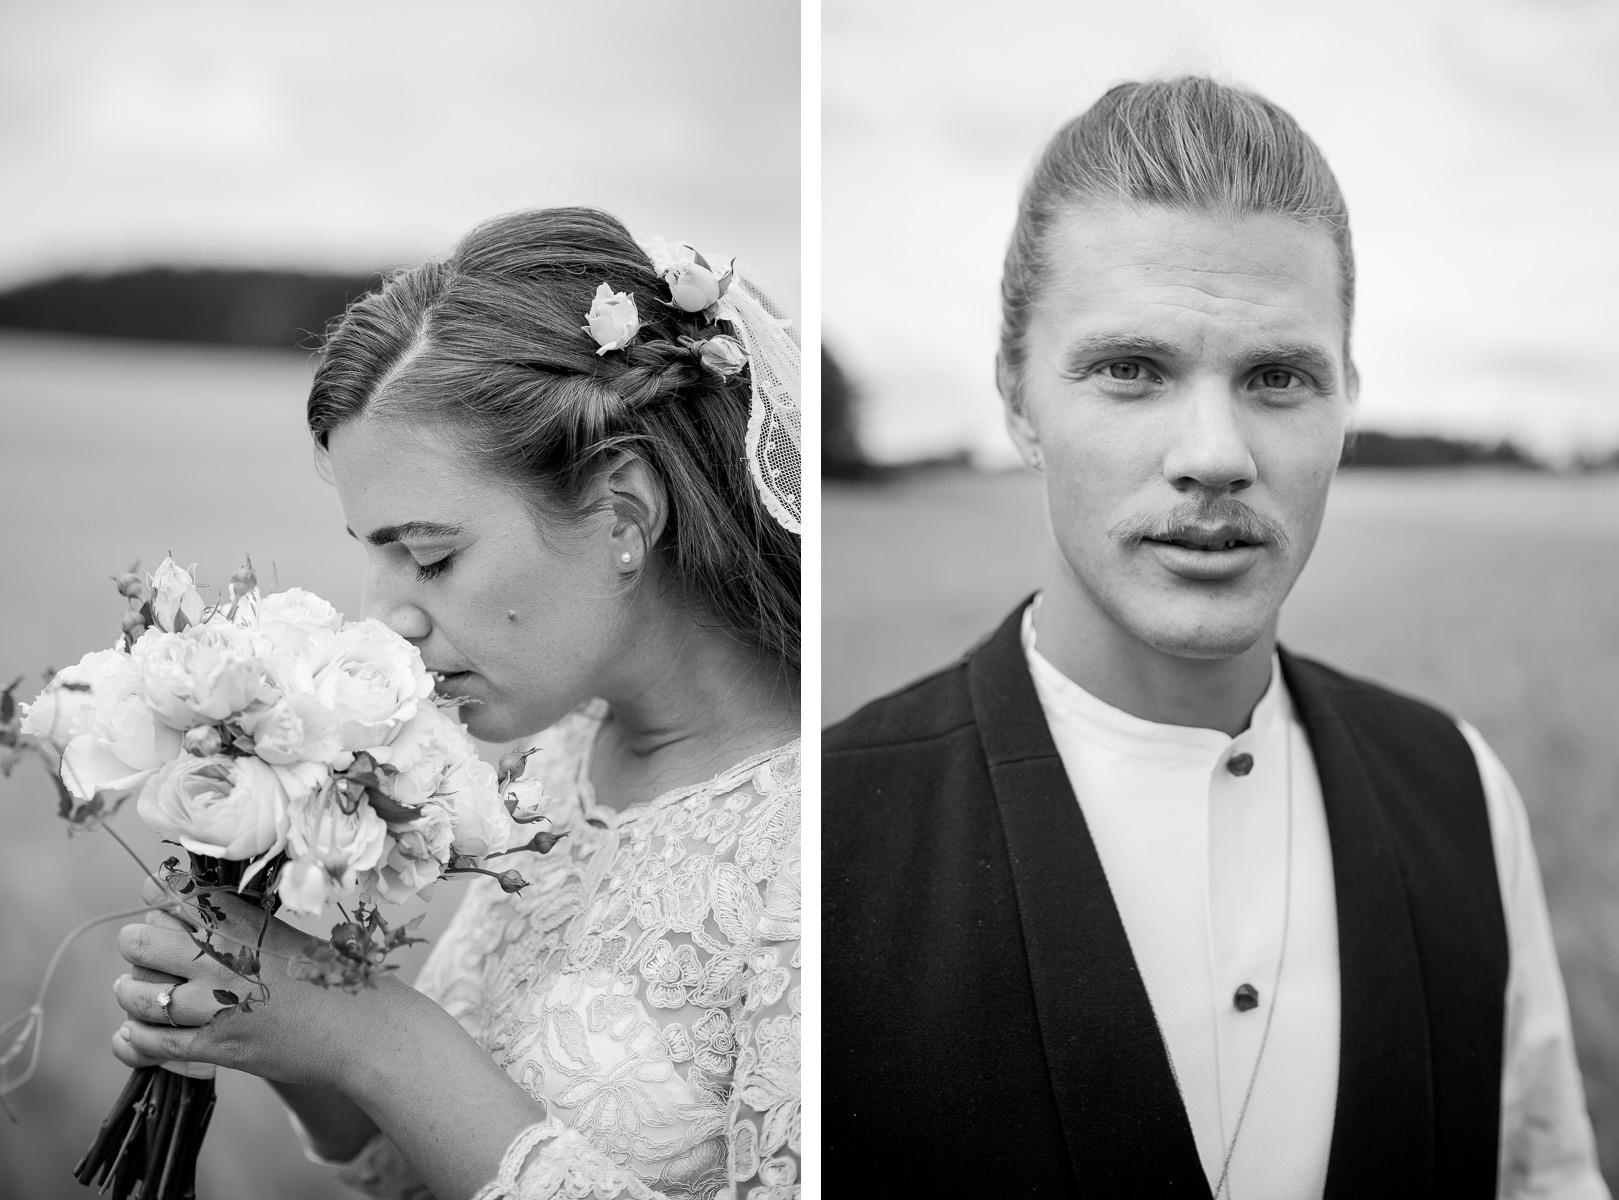 DSC_5952 Bohemiskt lantligt vintage bröllop i gammal byskola.jpg